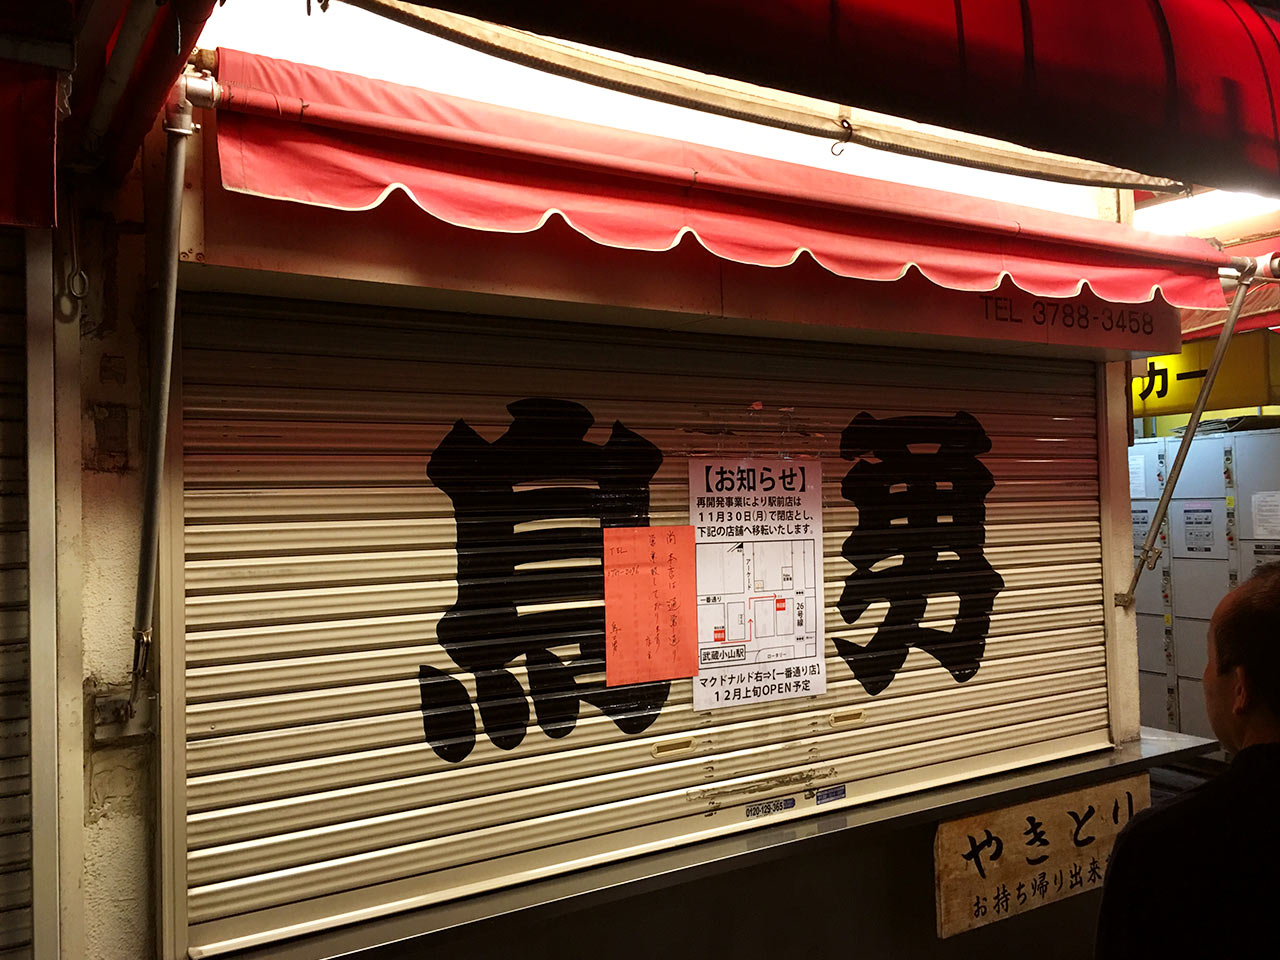 musashikoyama-ekimae-saikaihatsu-yakitori